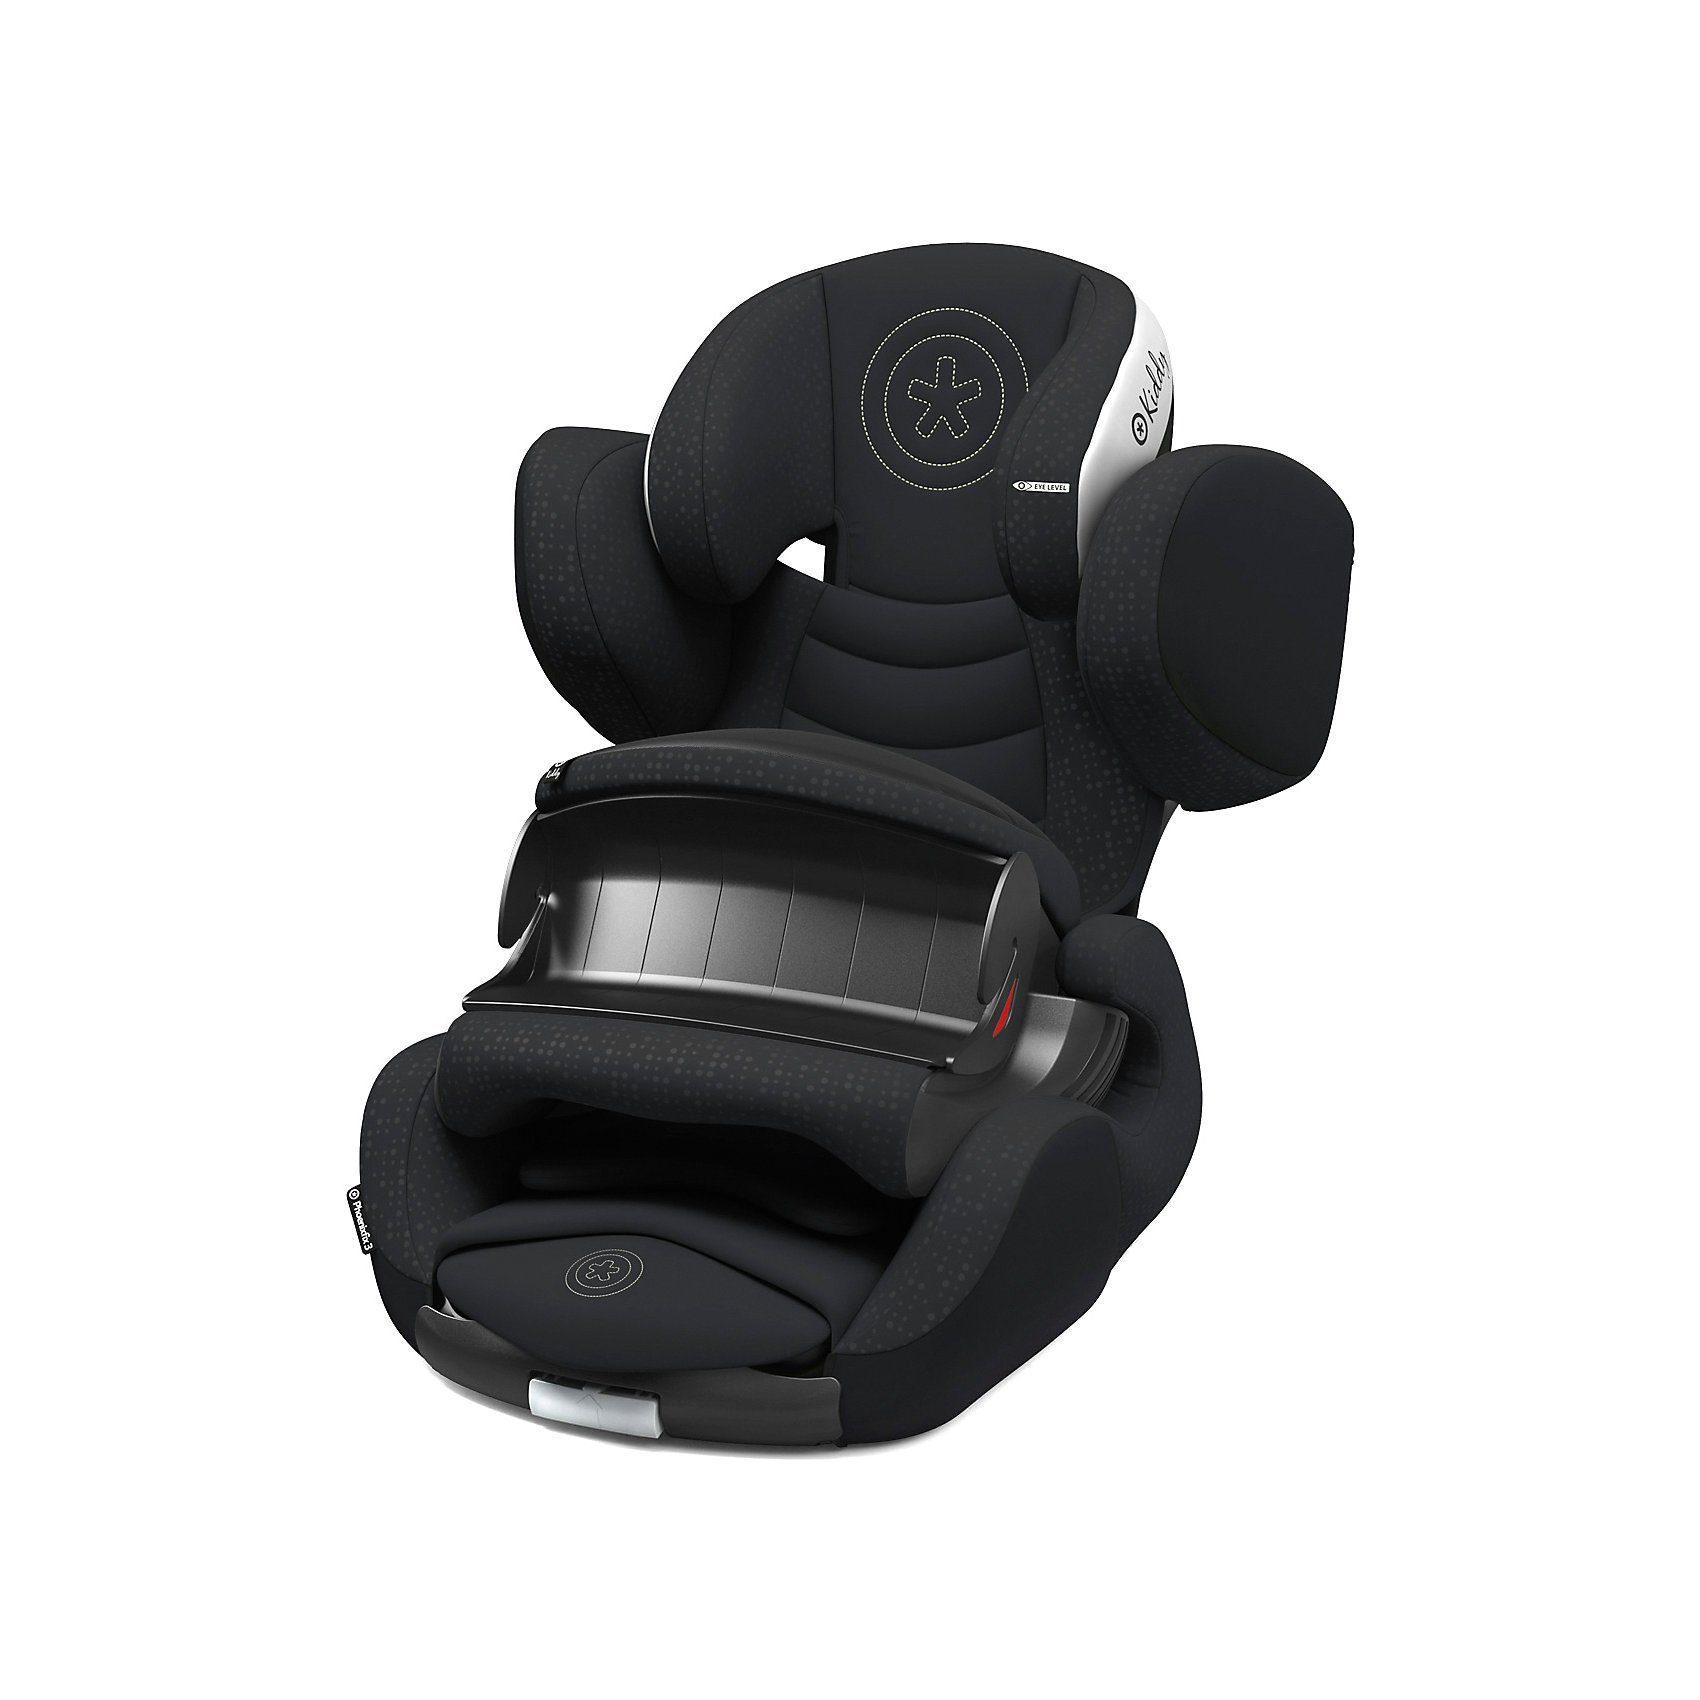 kiddy Auto-Kindersitz Phoenixfix 3, Mystic Black, 2018